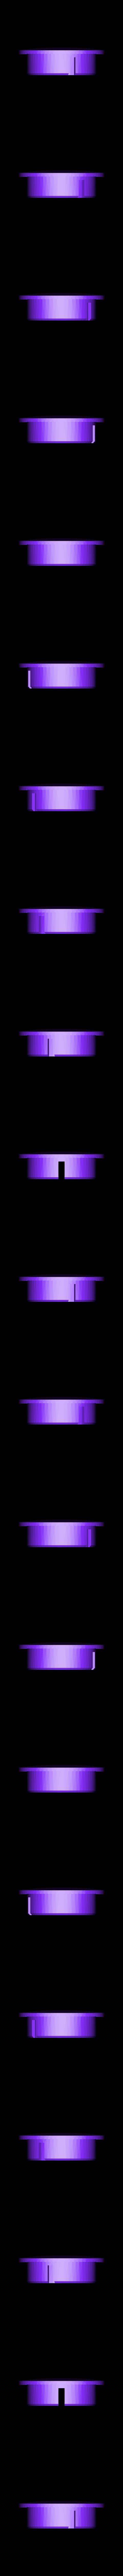 BOUCHON.STL Download free STL file Raspberry Pi case • 3D print object, YAN-D